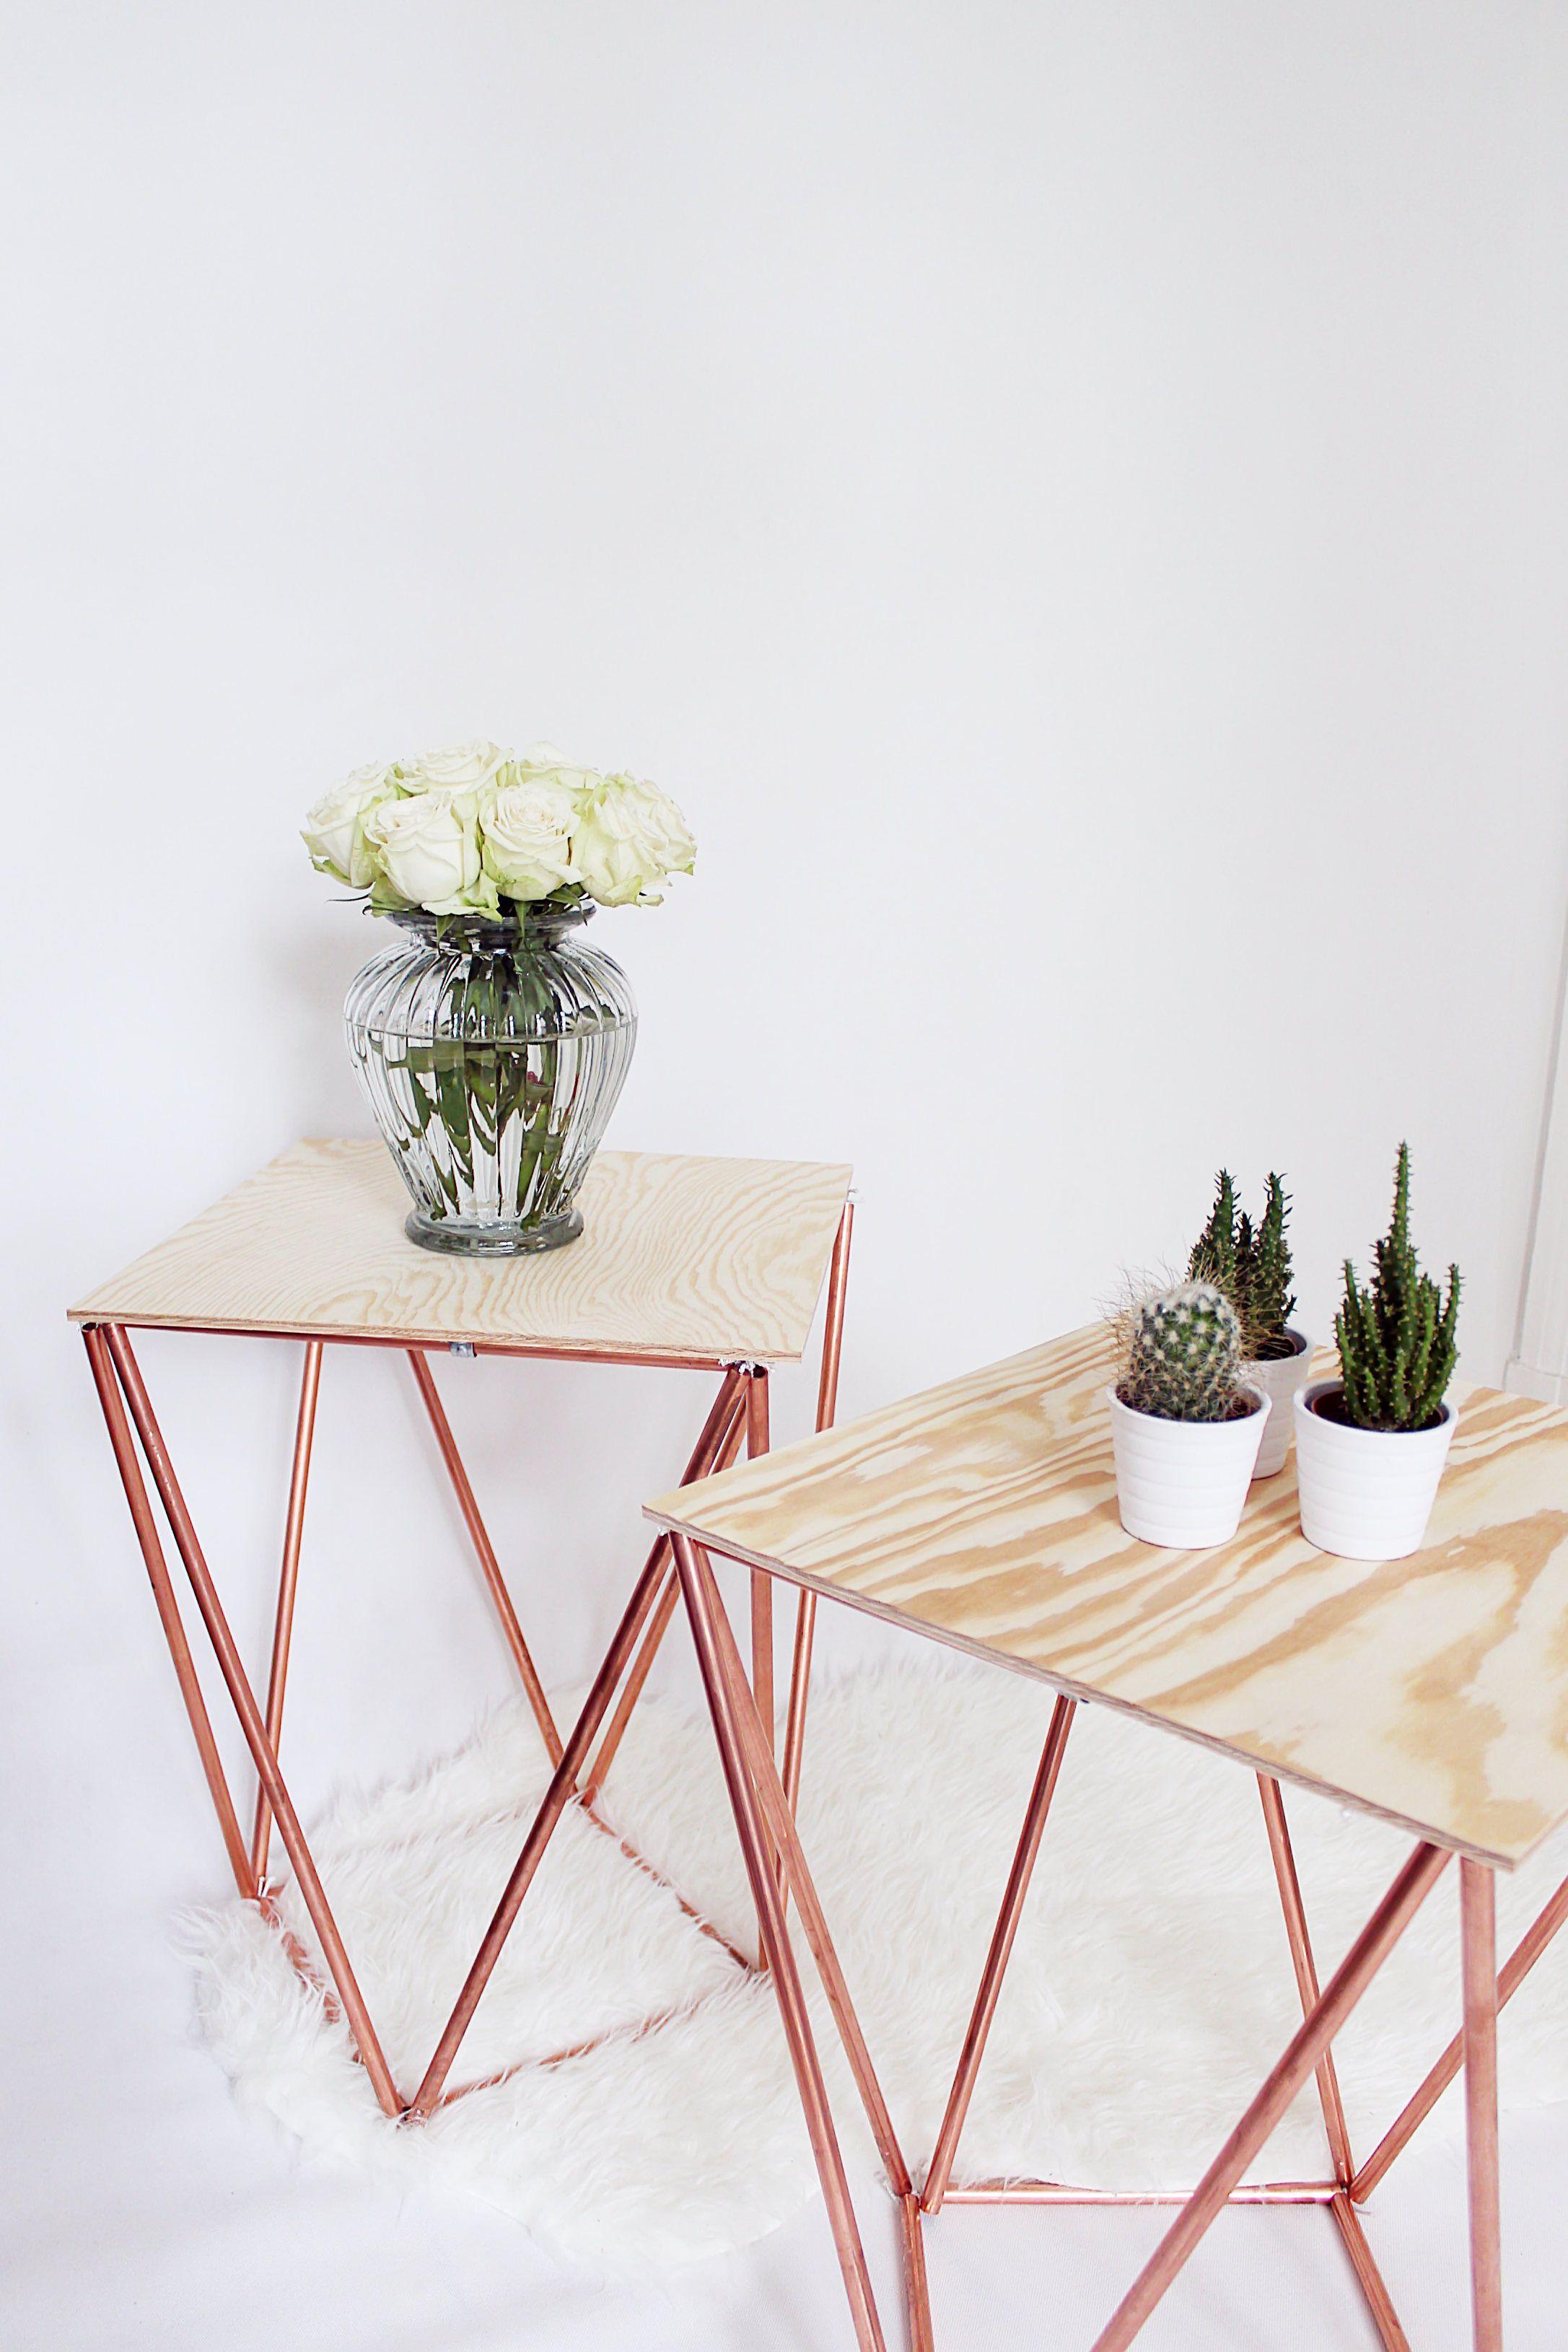 kleiderstange kupfer swalif. Black Bedroom Furniture Sets. Home Design Ideas